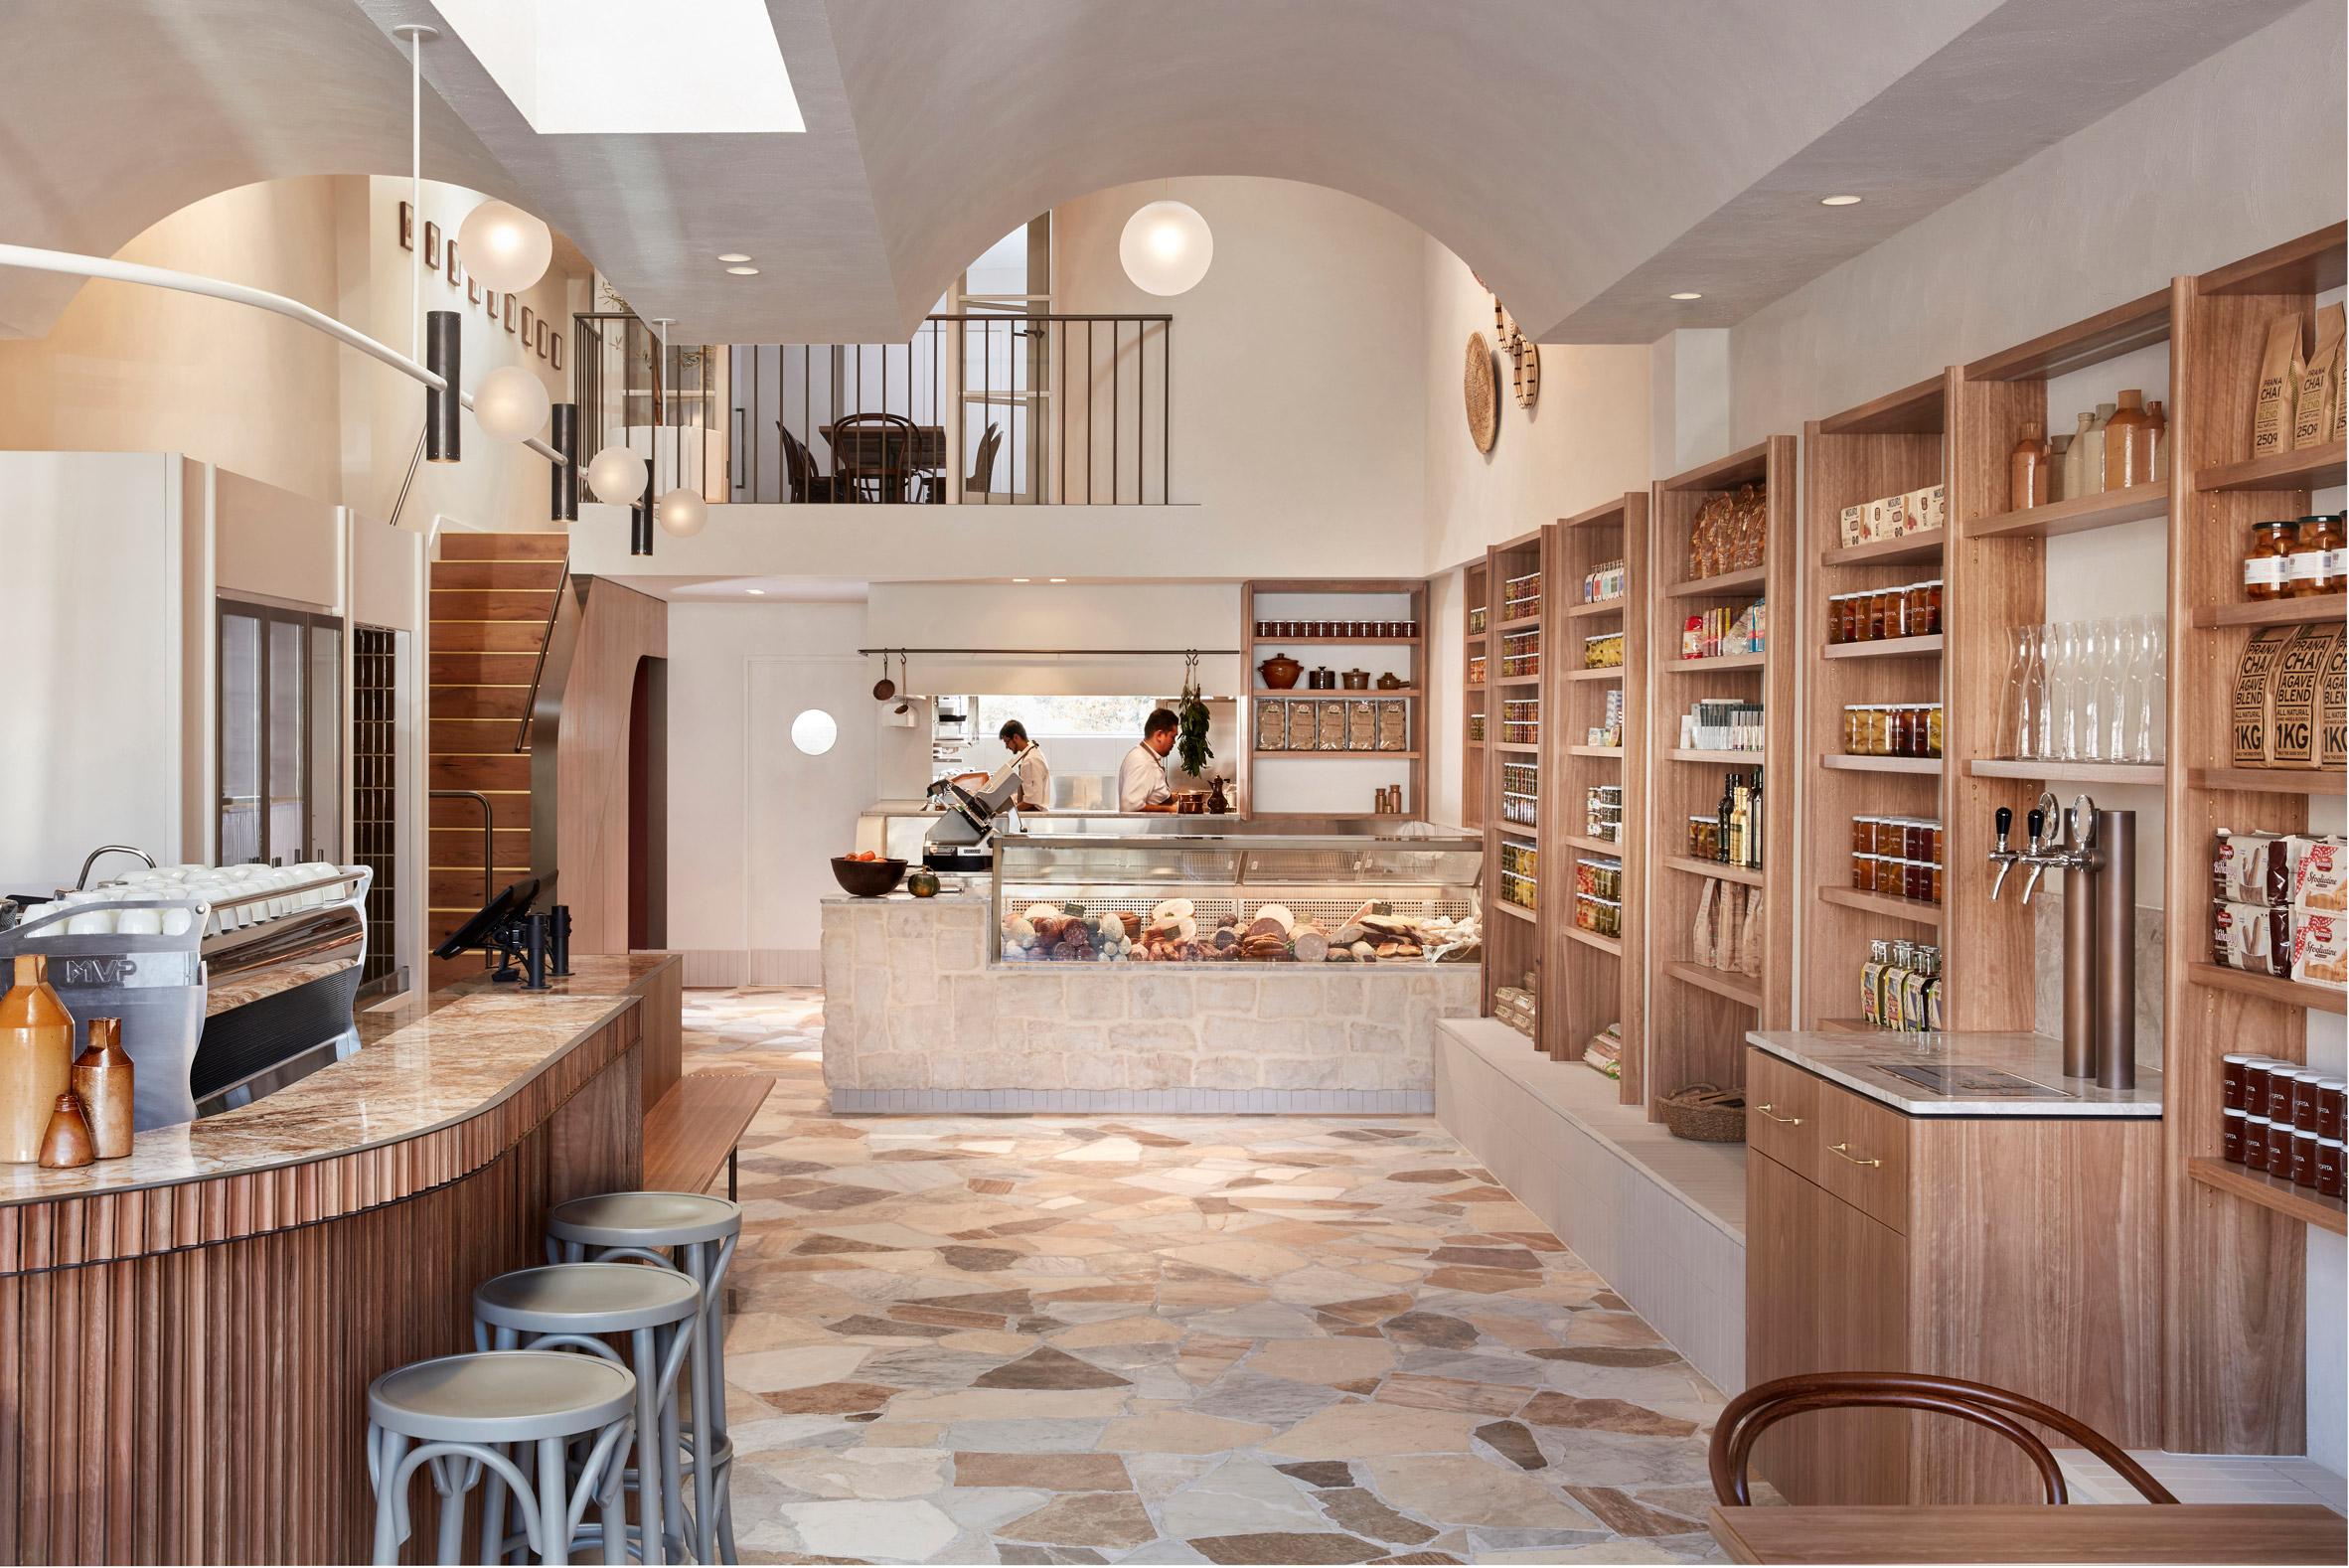 Ghé thăm không gian quán cafe đậm chất Ý